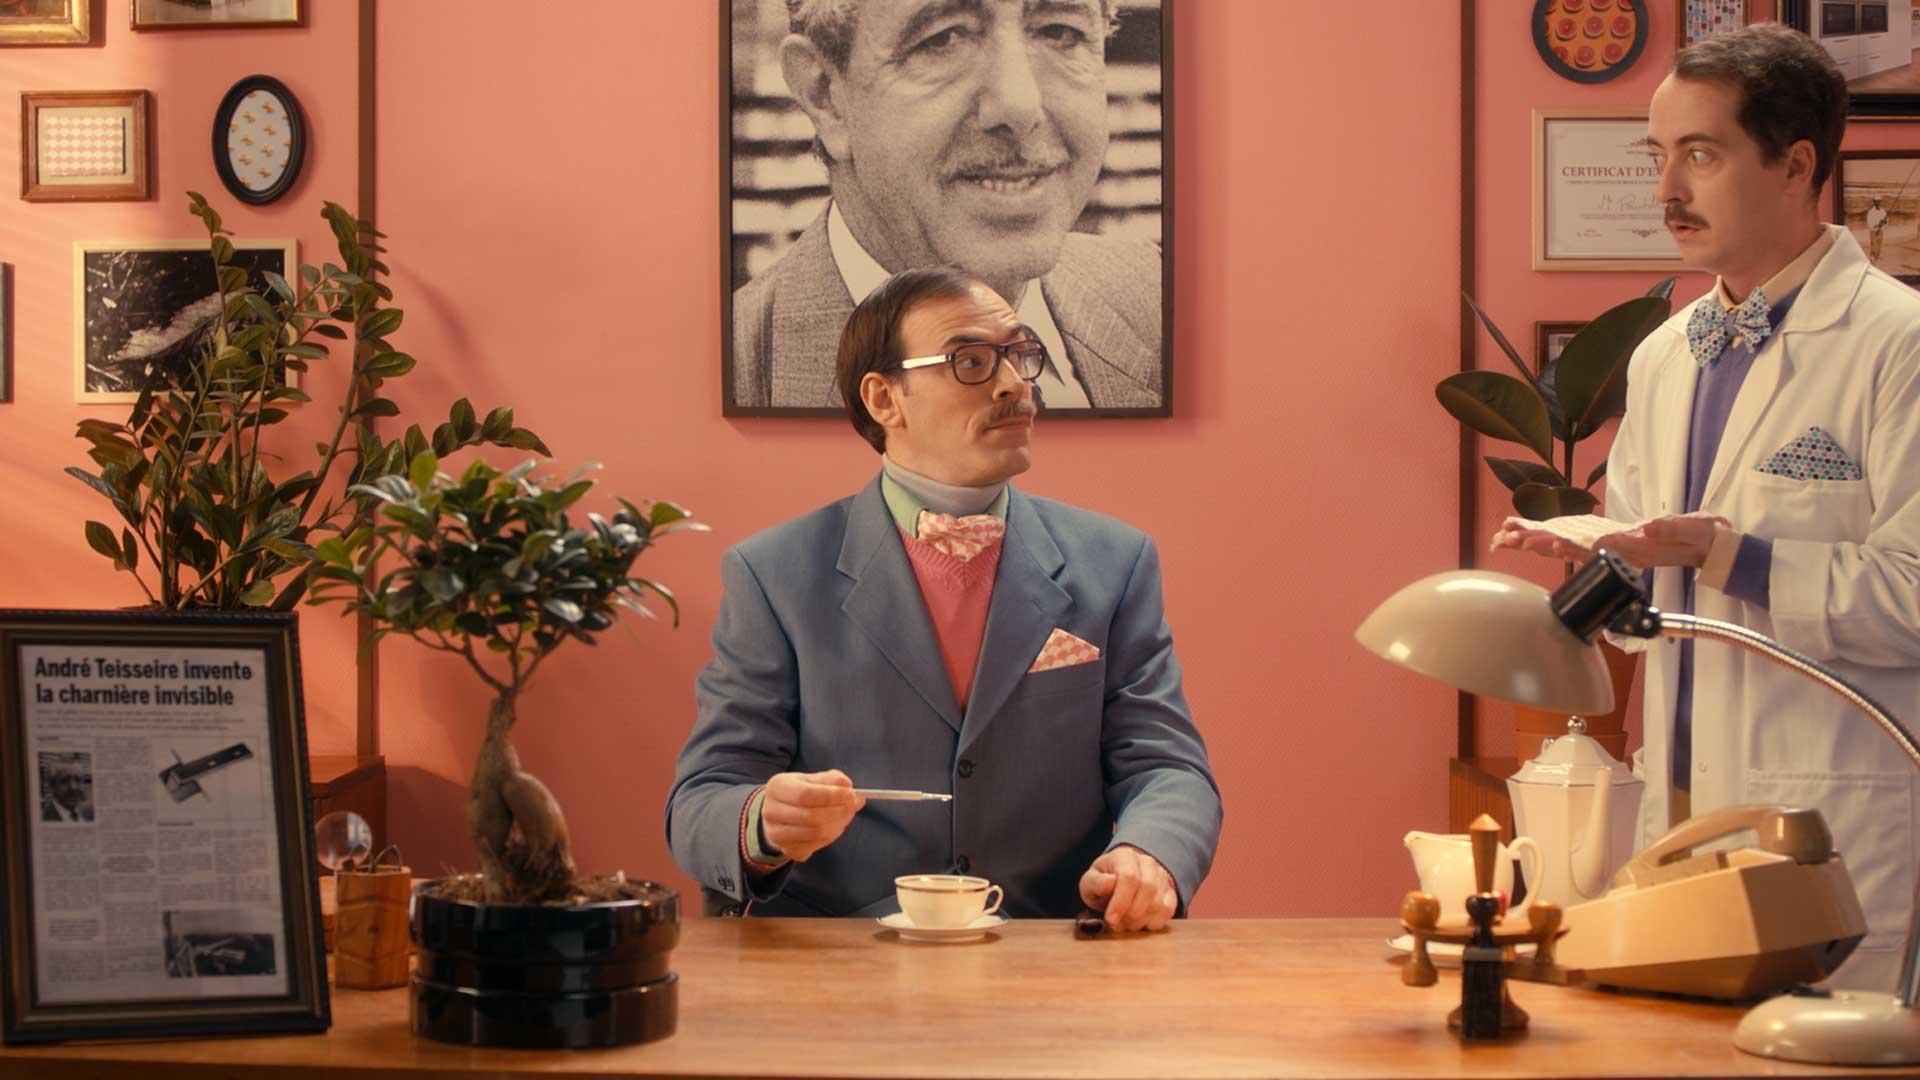 homme costume thé thermomètre température pointilleux précis assistant blouse laboratoire